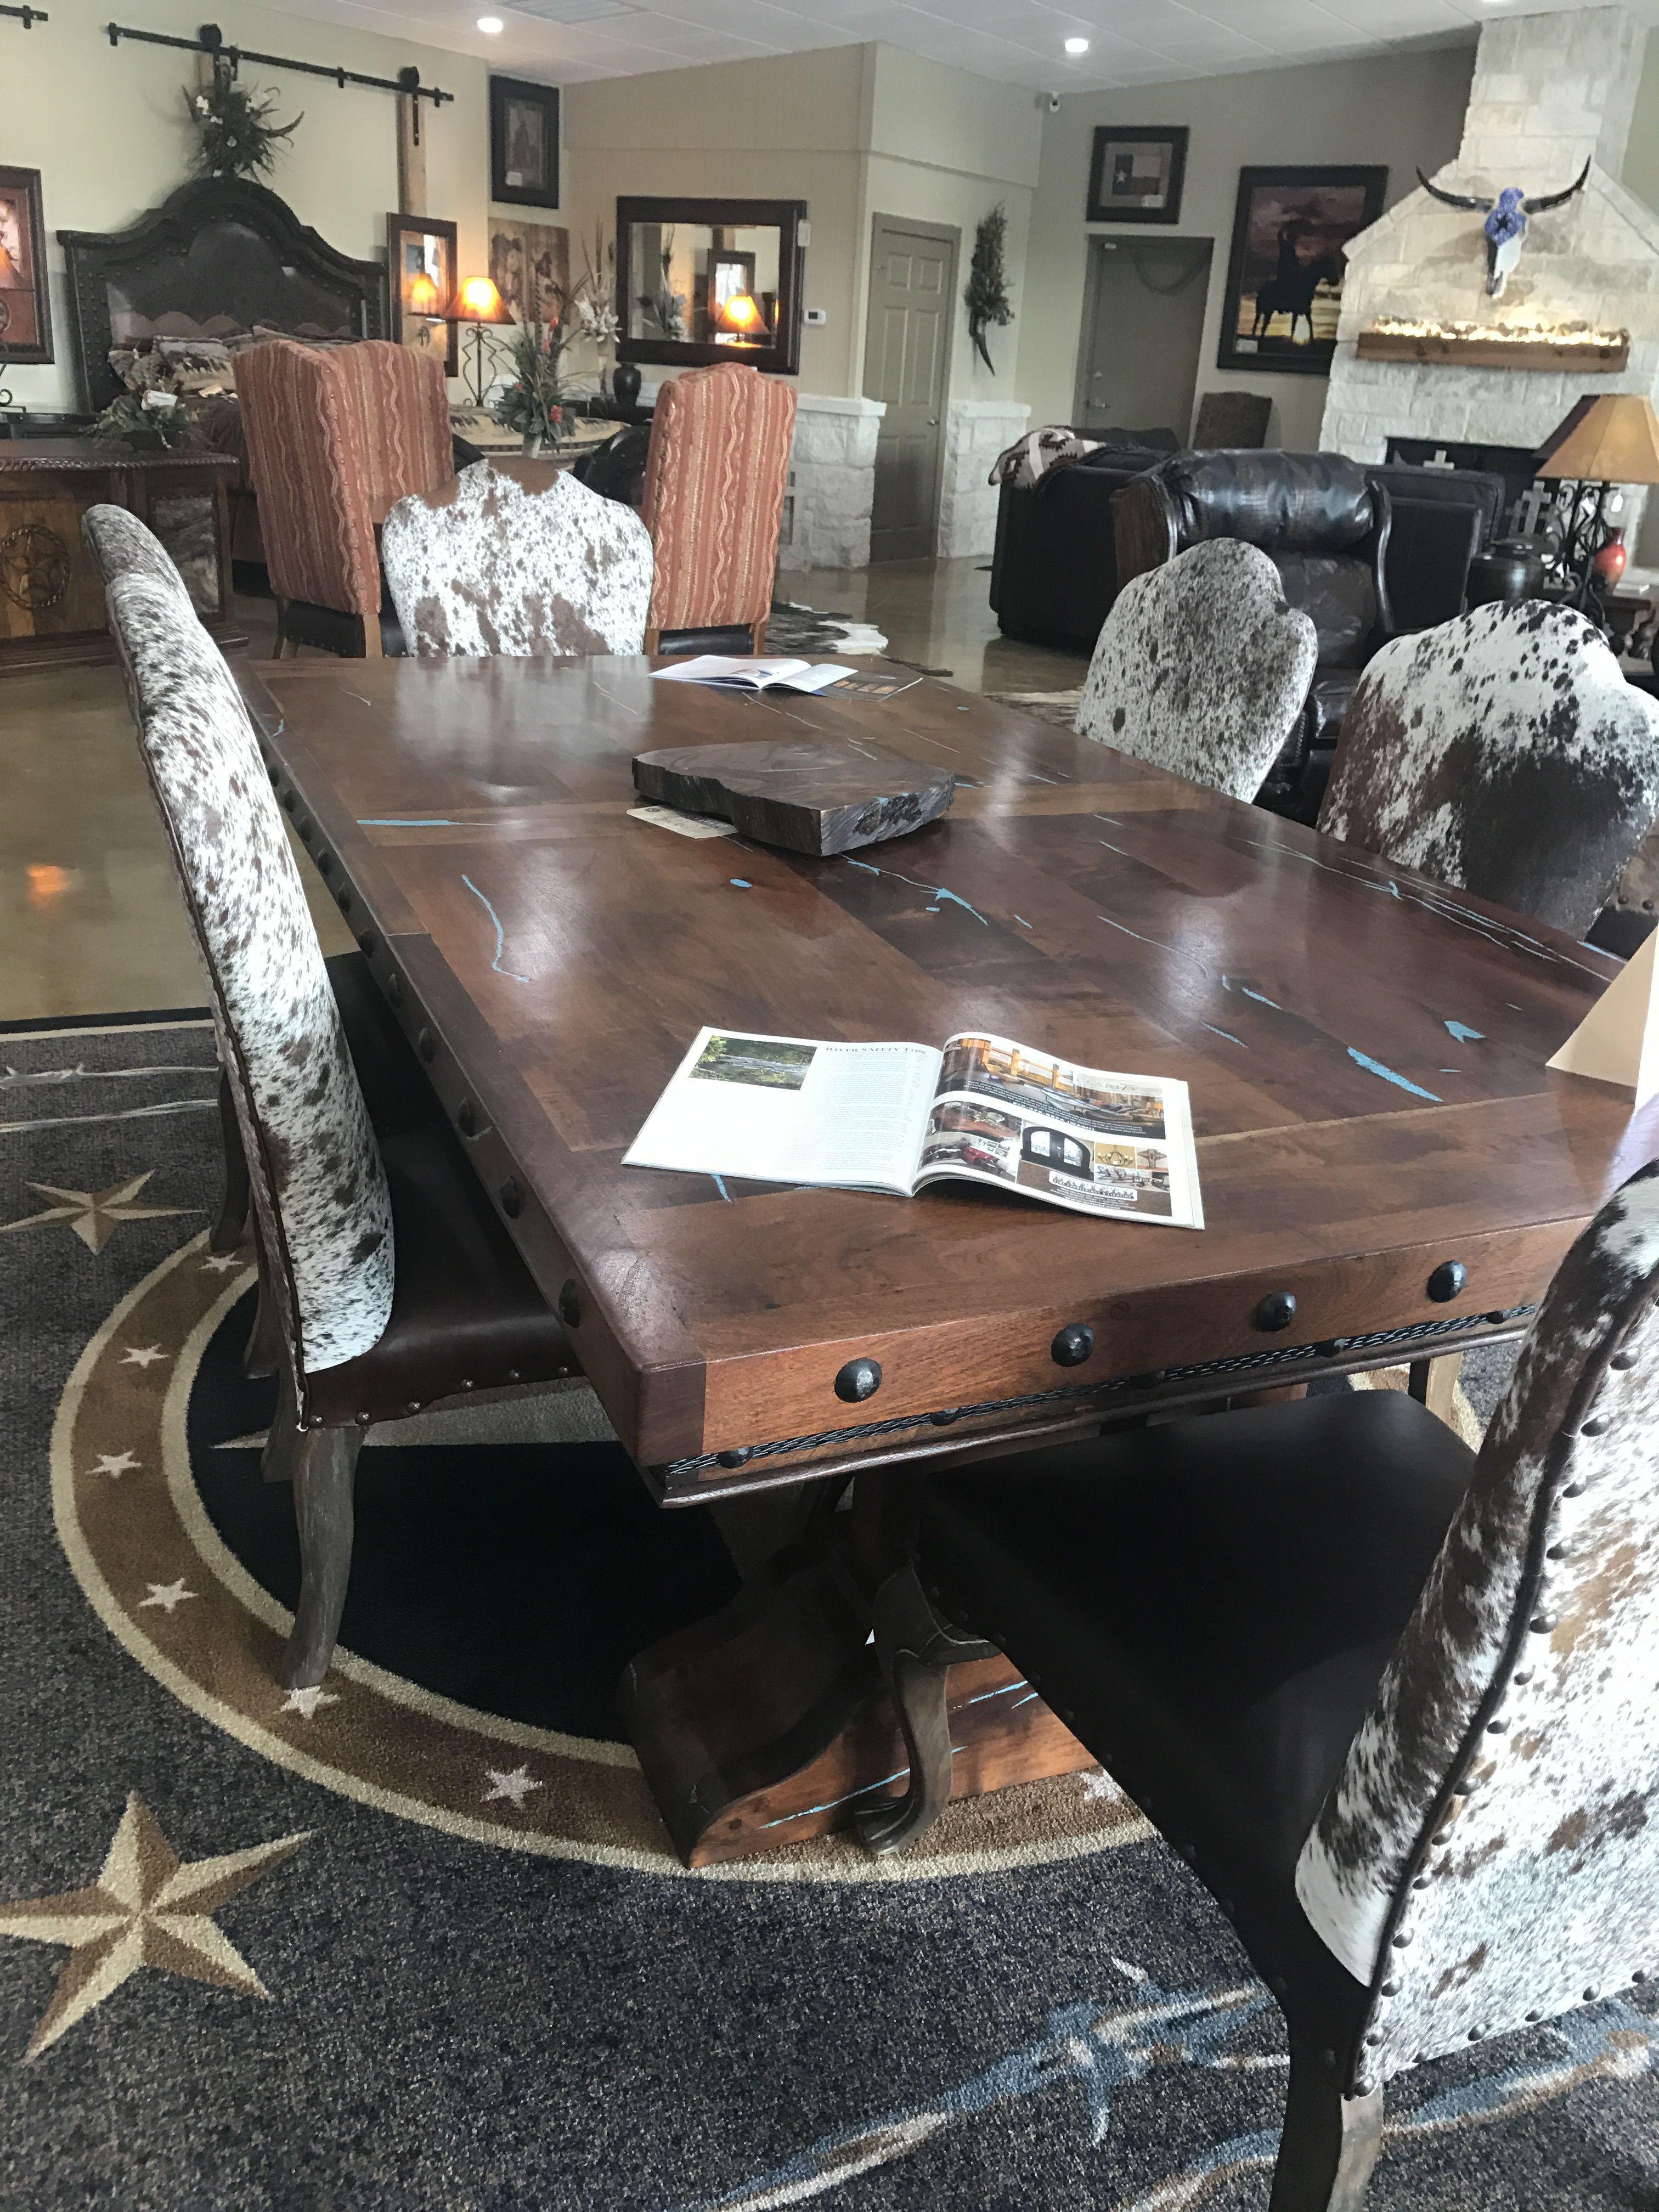 Pin de Allie Nail en BR Field western furniture | Pinterest